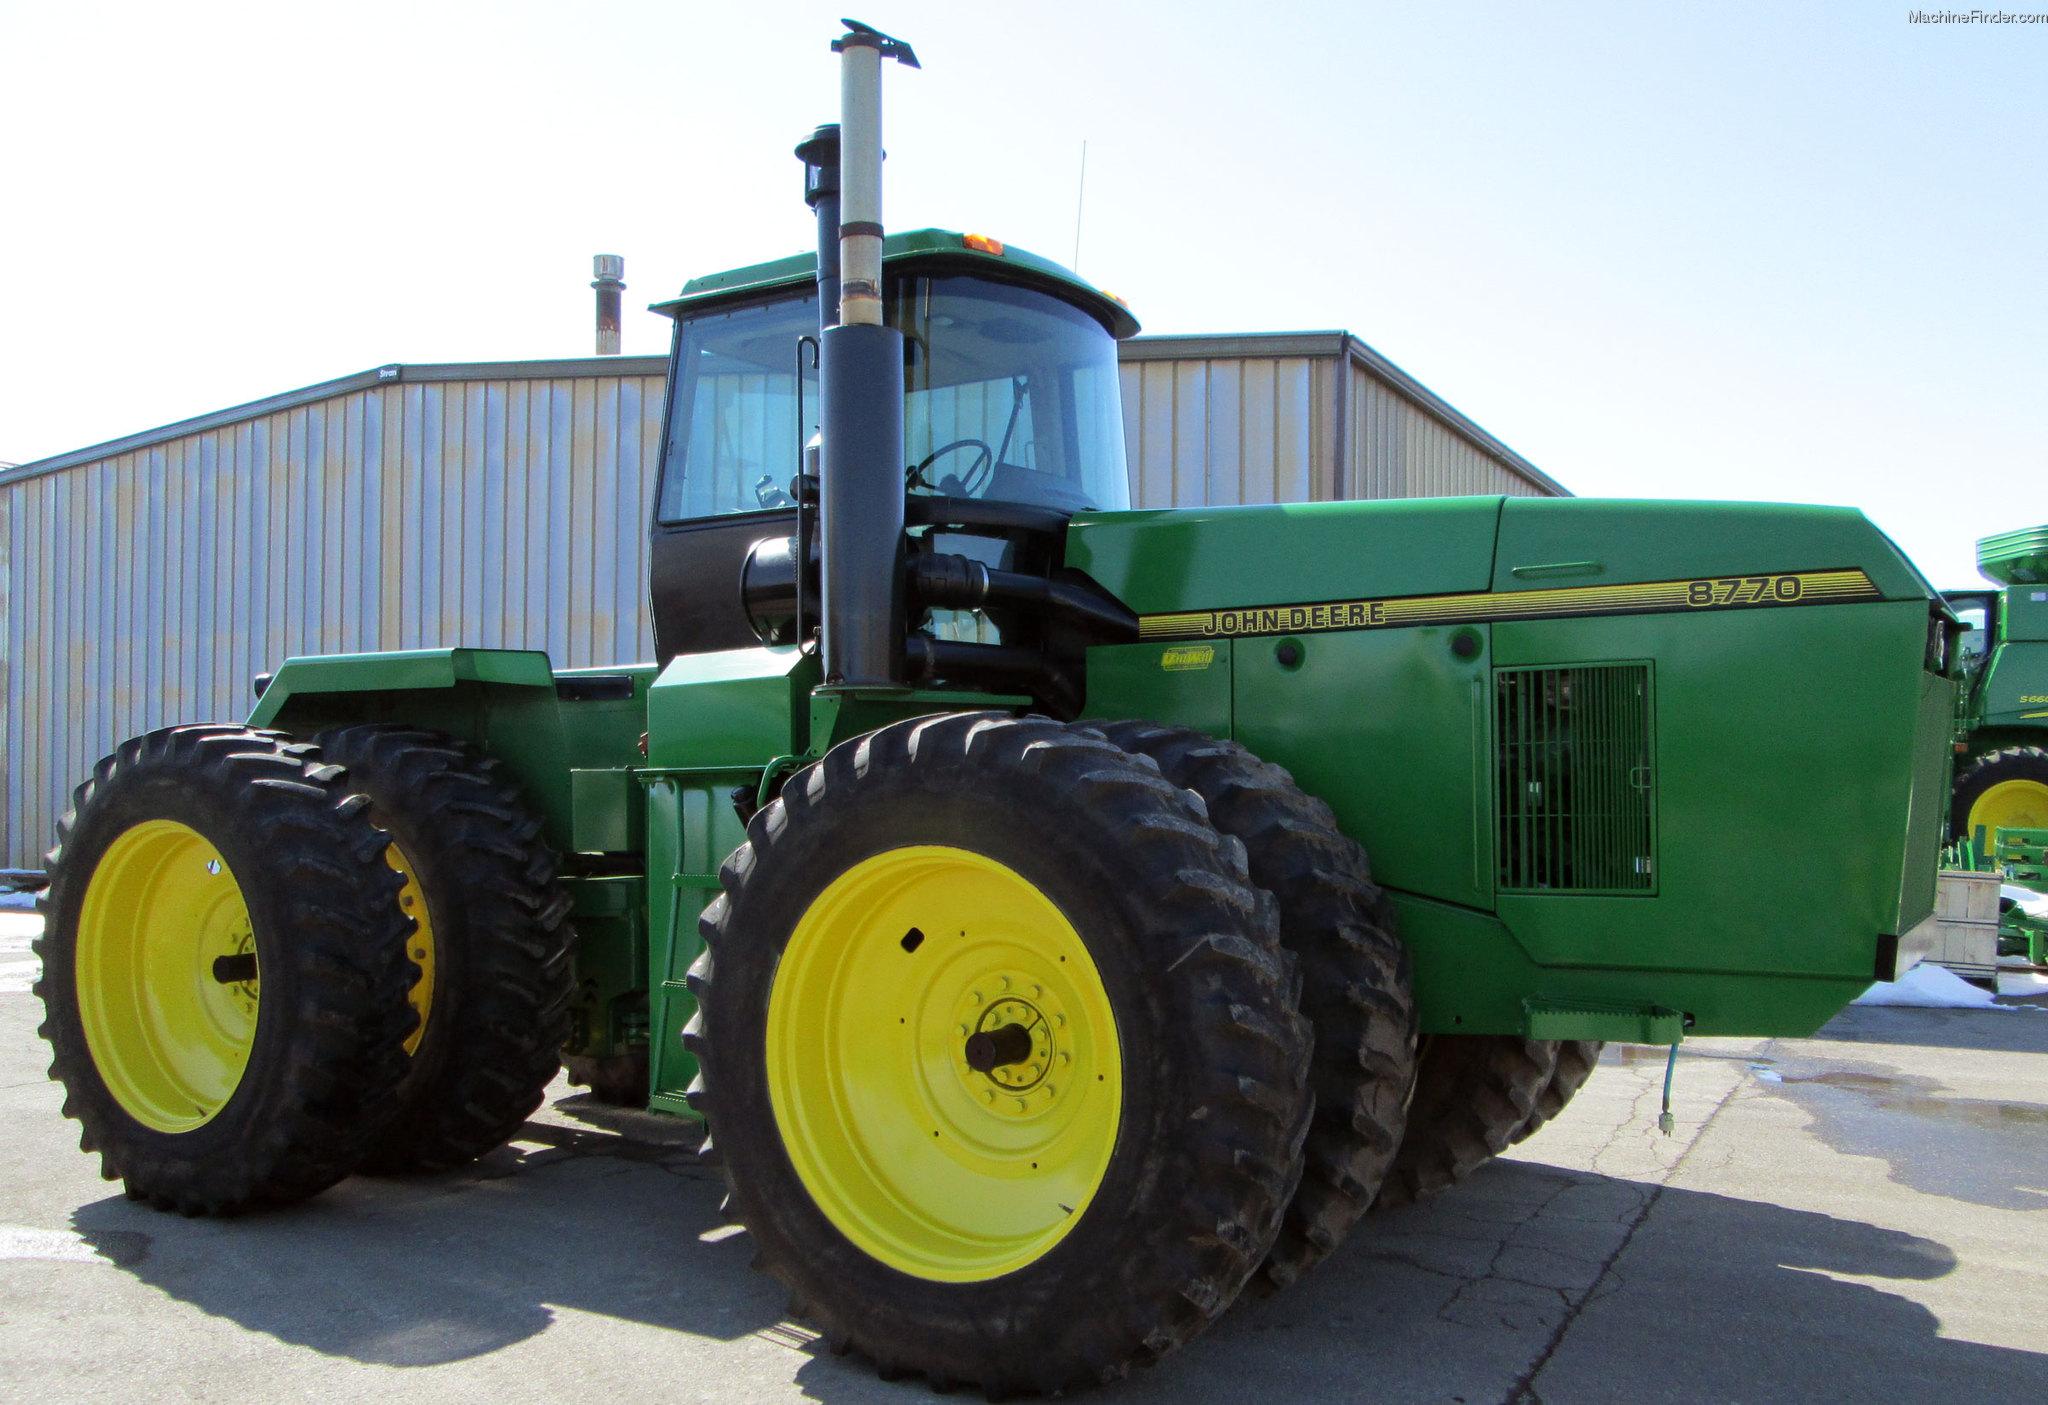 1993 John Deere 8770 Tractors - Articulated 4WD - John ...